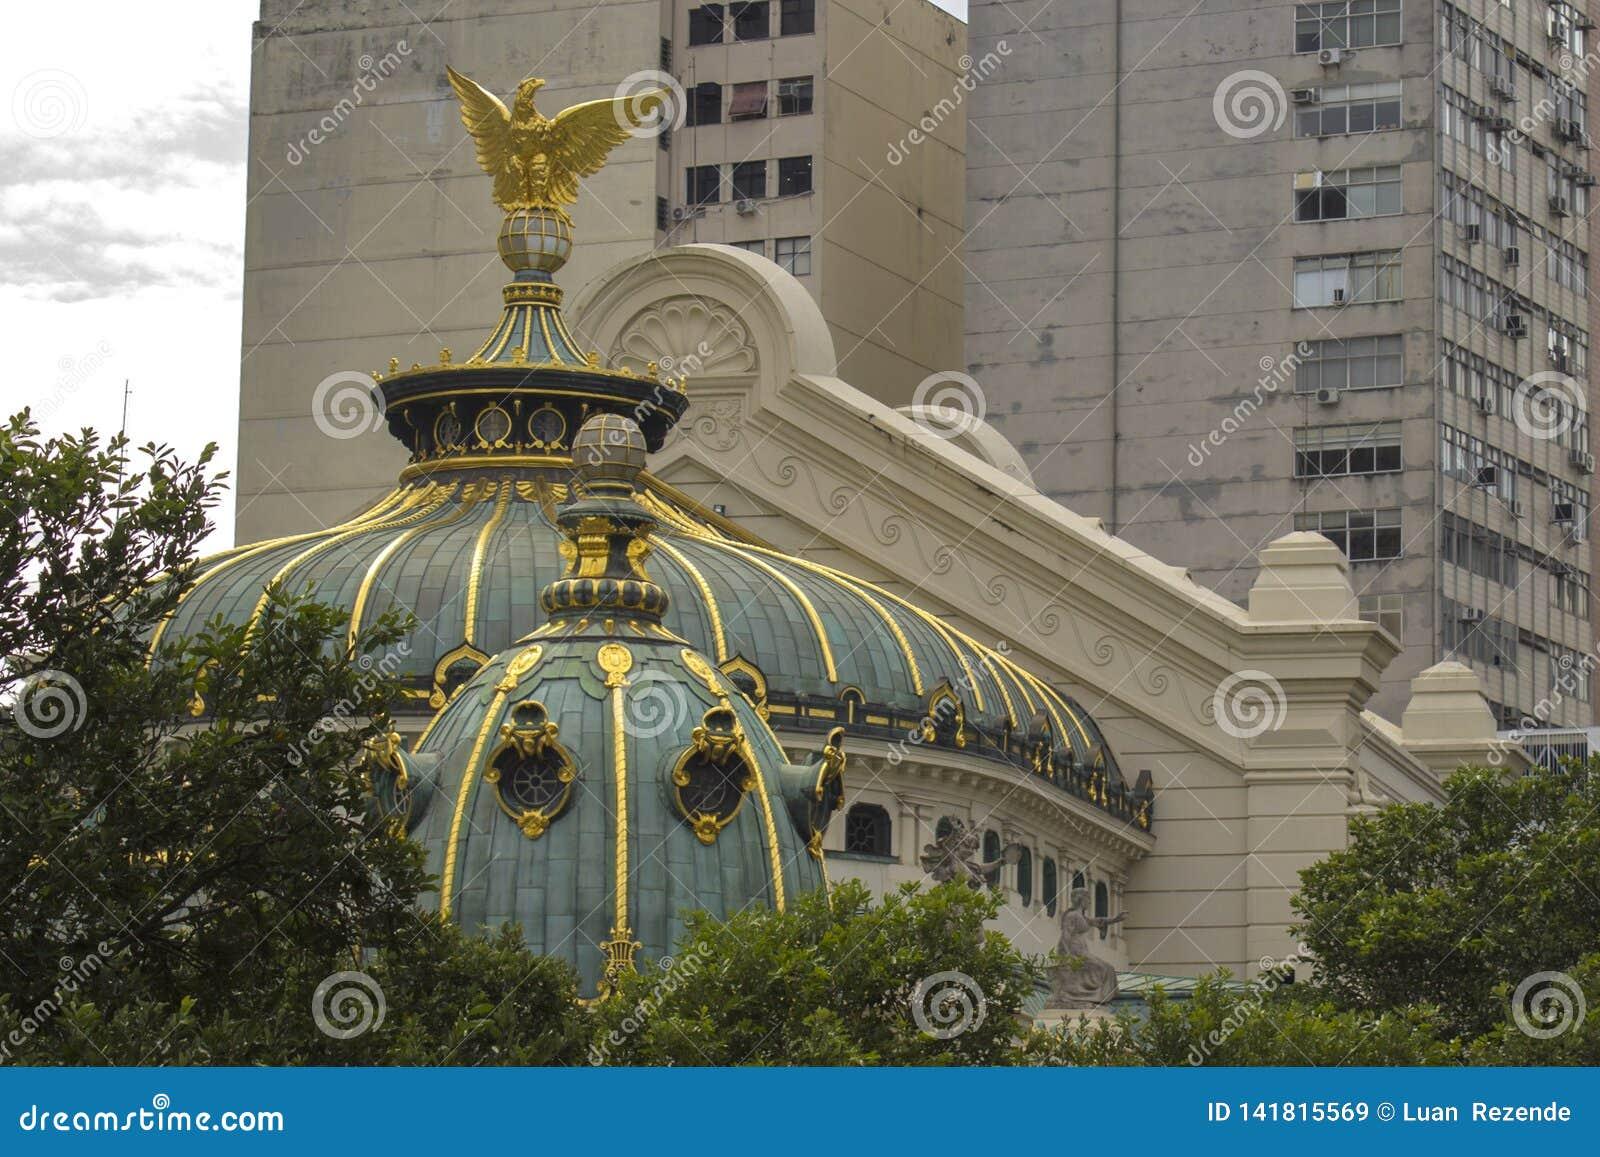 Detail des städtischen Theaters Dieses ist das Opern- und Balletttheater in Rio de Janeiro Es wurde im Jahre 1907 errichtet